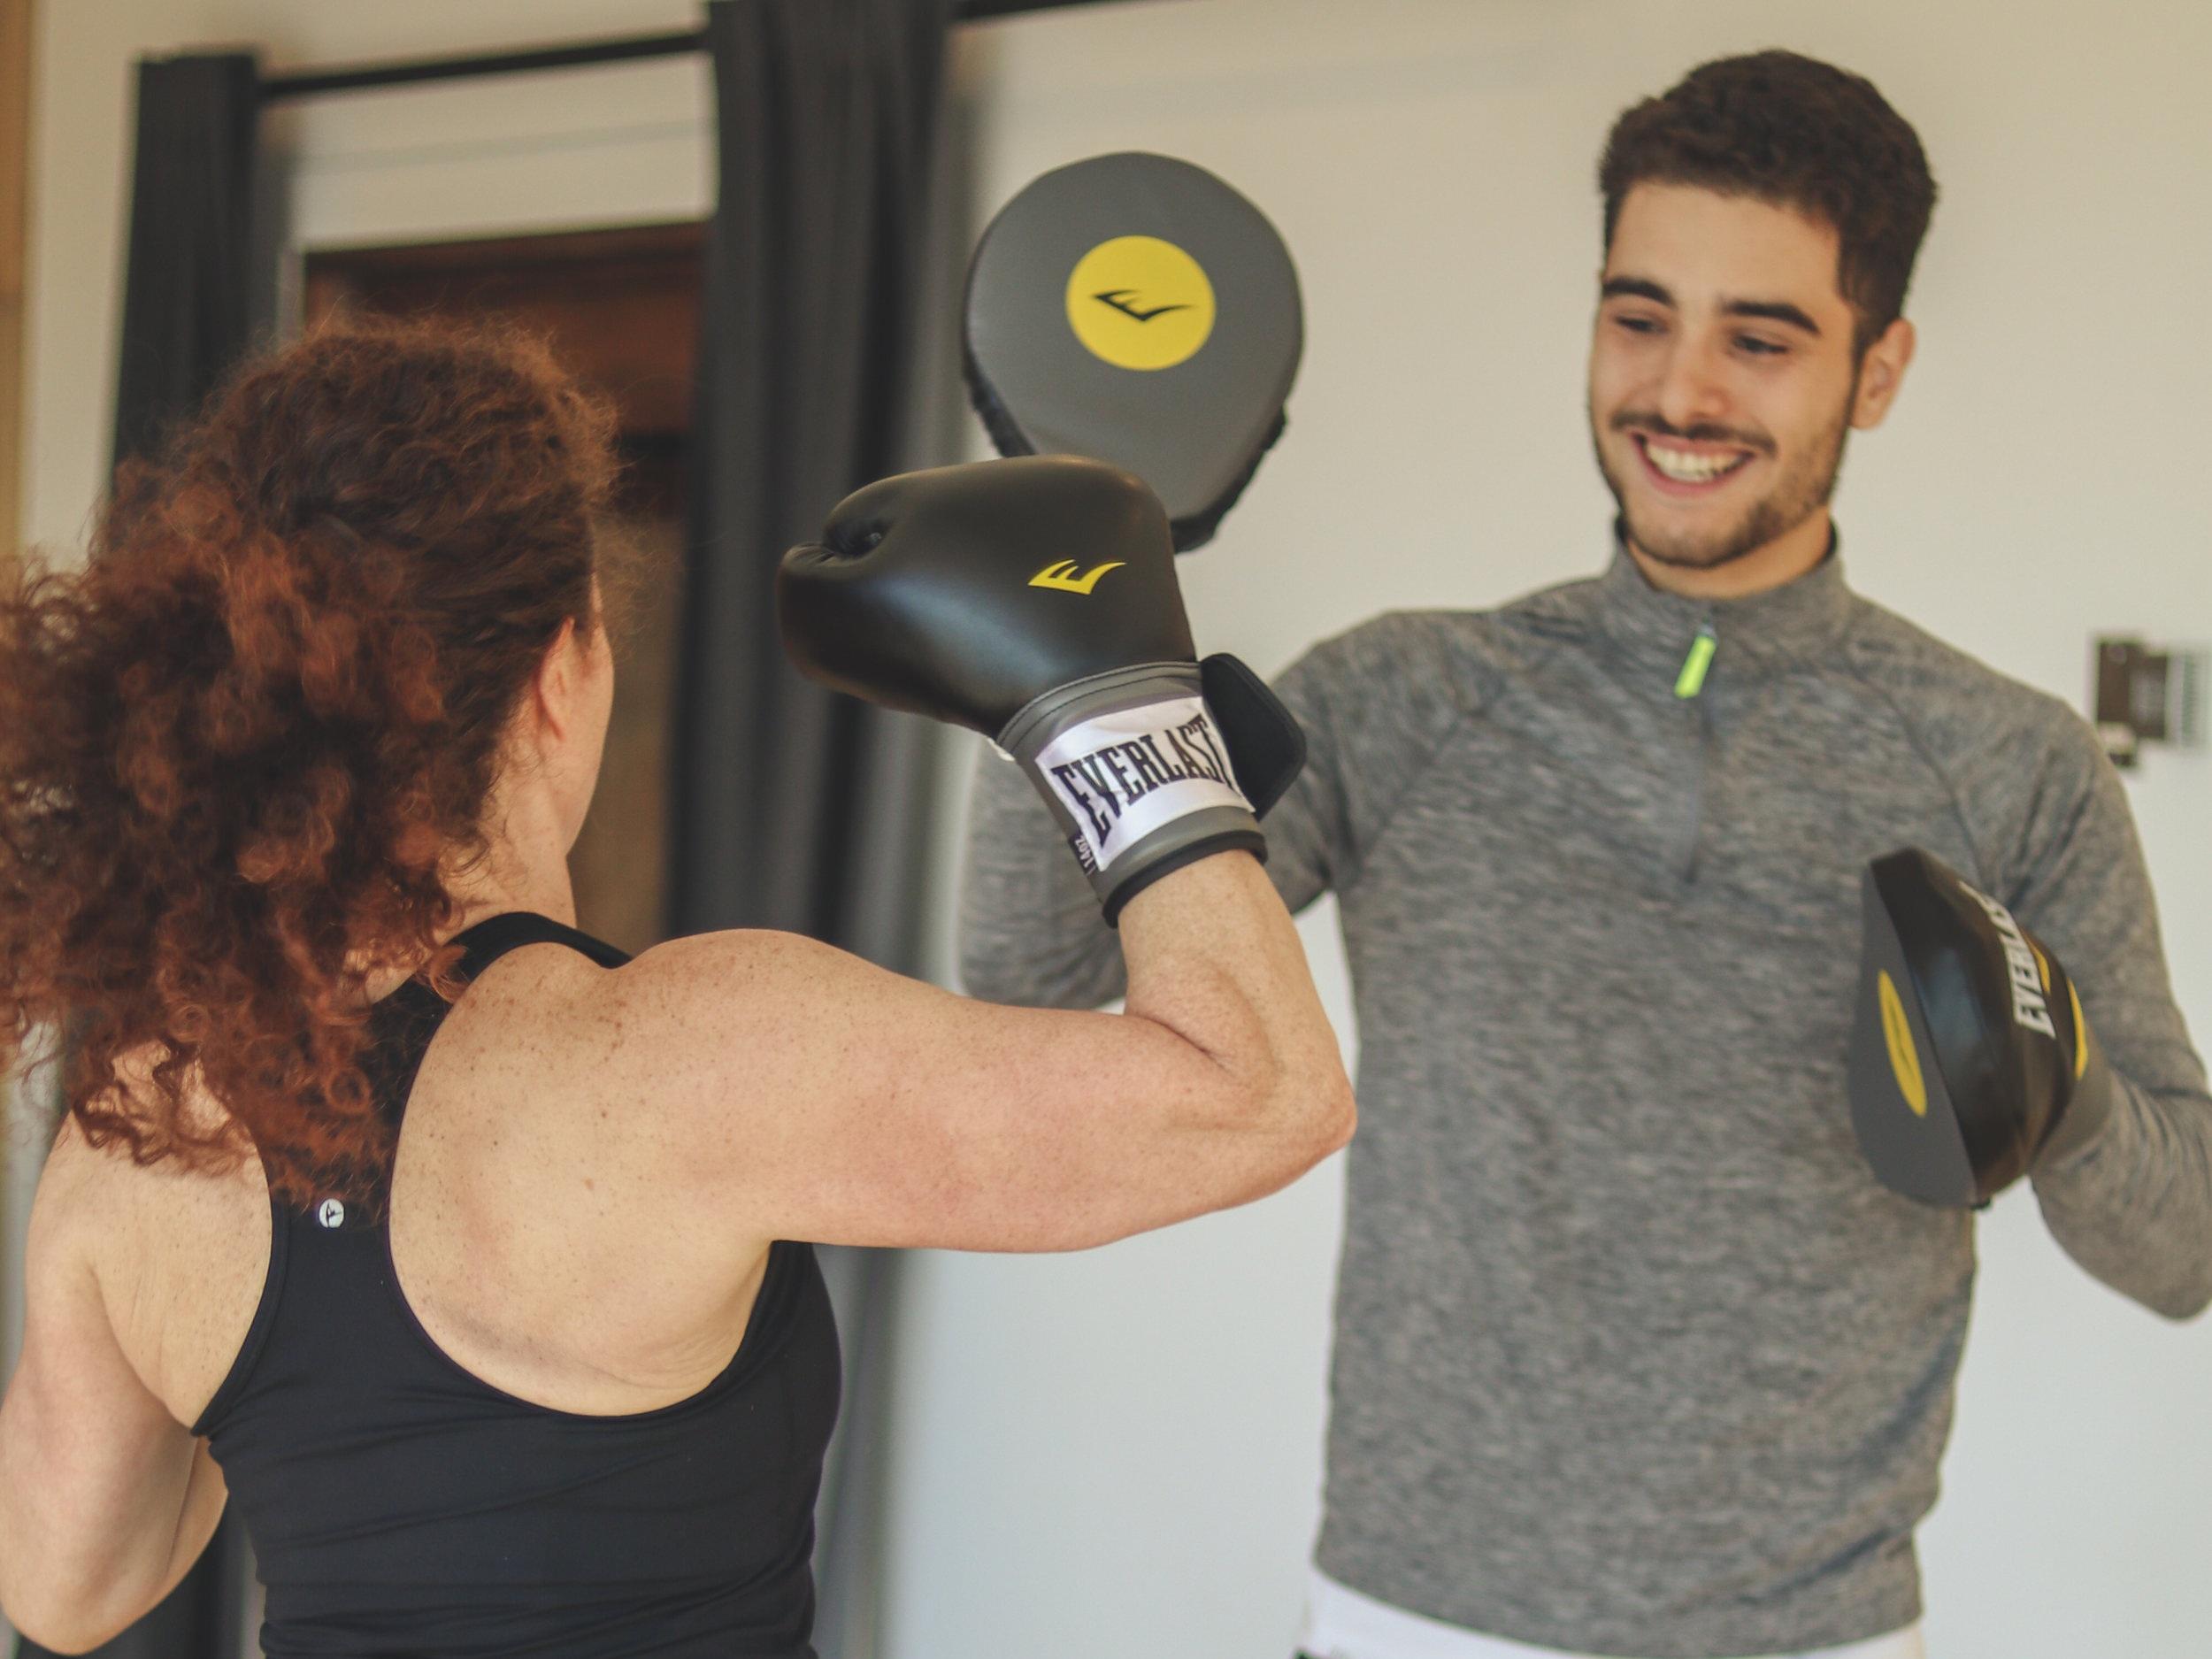 MMA BOXE - Les arts martiaux mixes travaillerons votre équilibre, votre flexibilité, votre cardio ainsi que votre force physique. Prenez une initiative vers une nouvelle discipline.